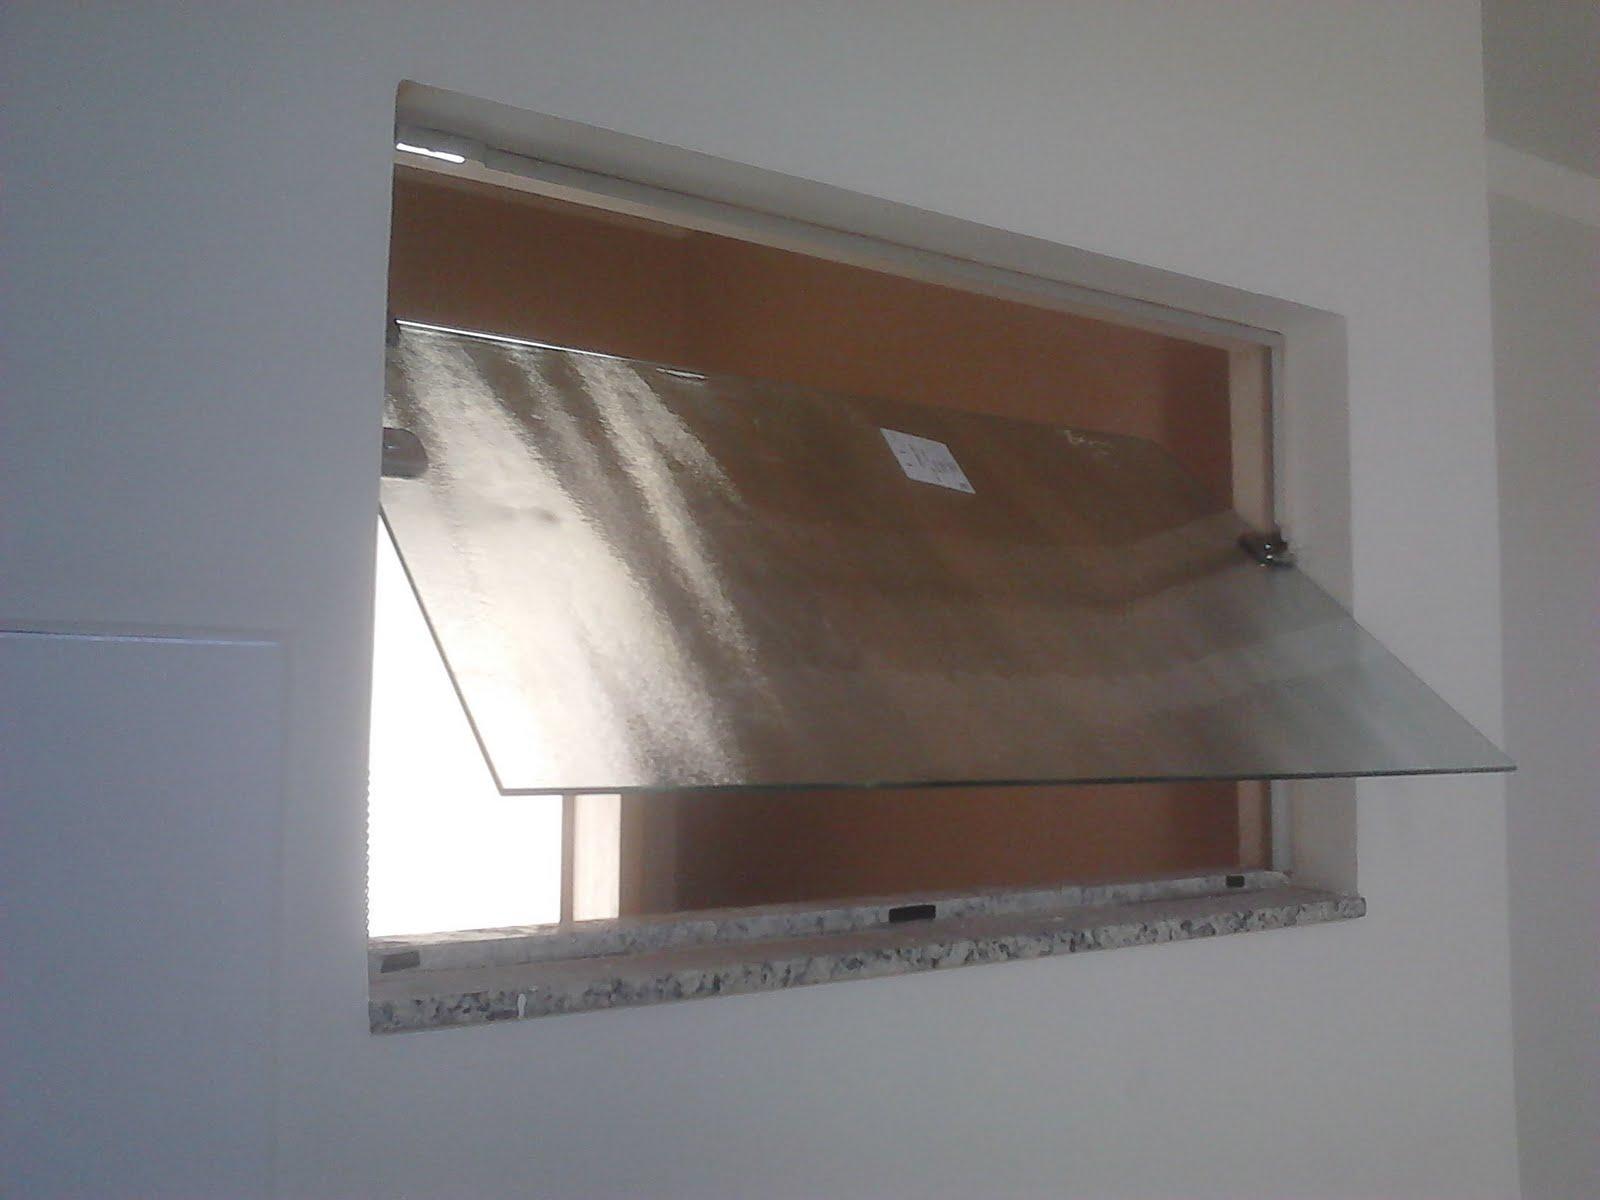 #4D3C31 Janela Basculante Para Banheiro em vidro Antílope no detalhe abaixo  1772 Janela De Aluminio Para Banheiro Preço